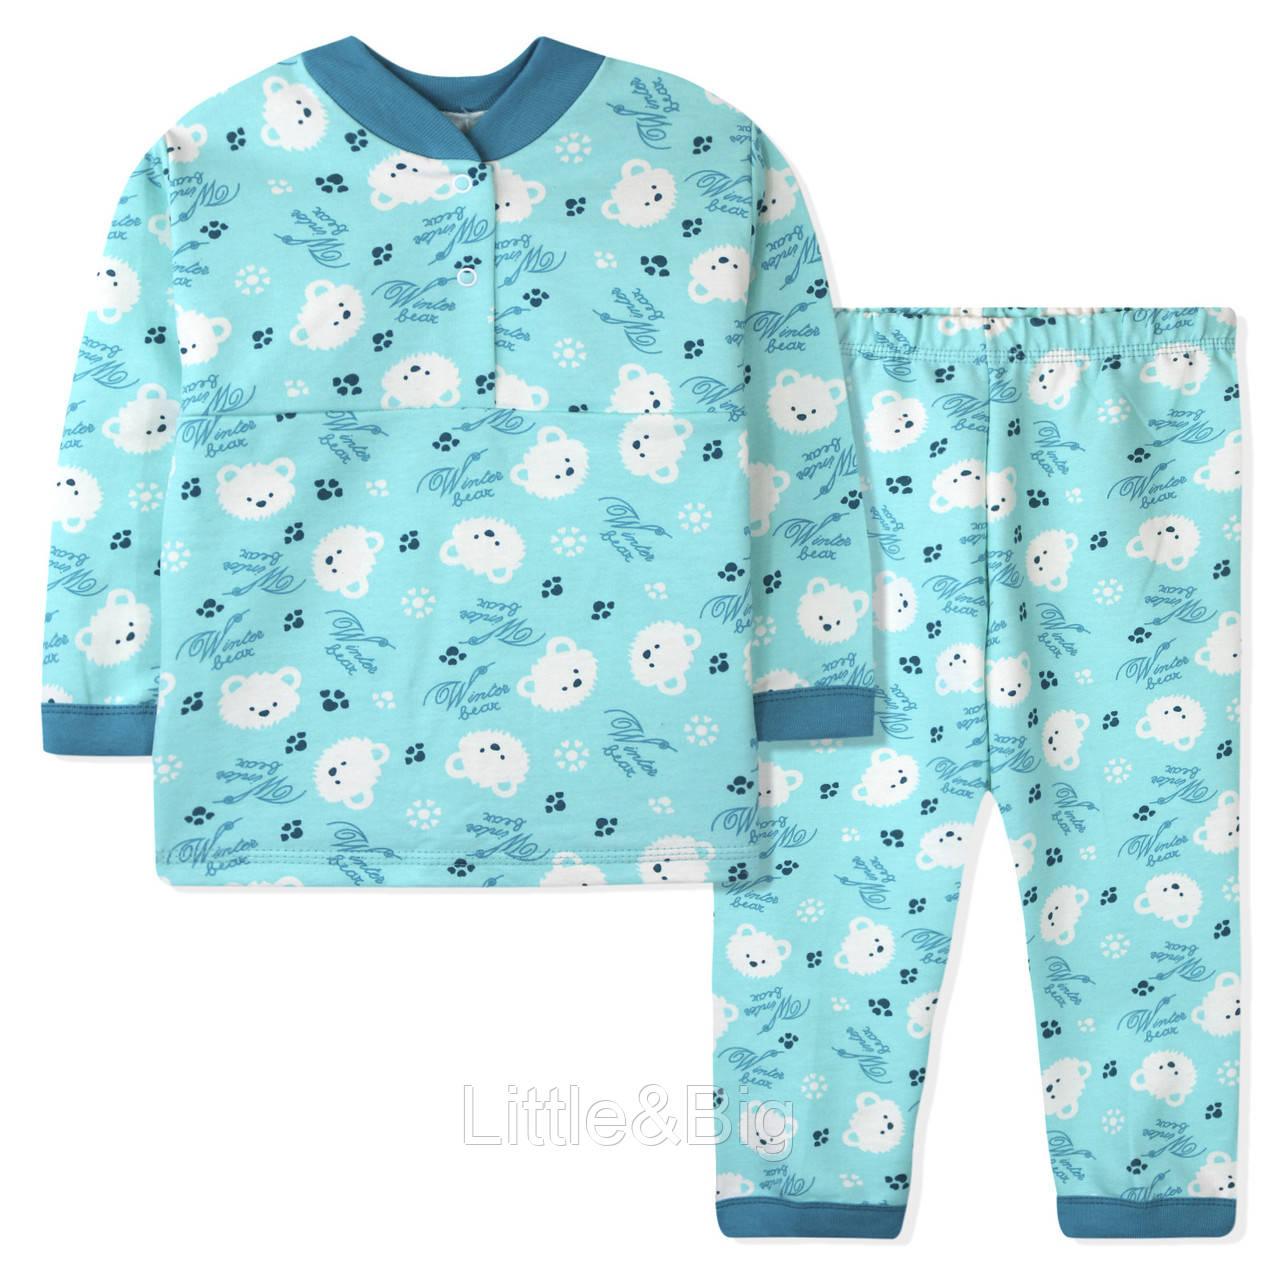 Пижама детская, голубая. Полярный мишка.